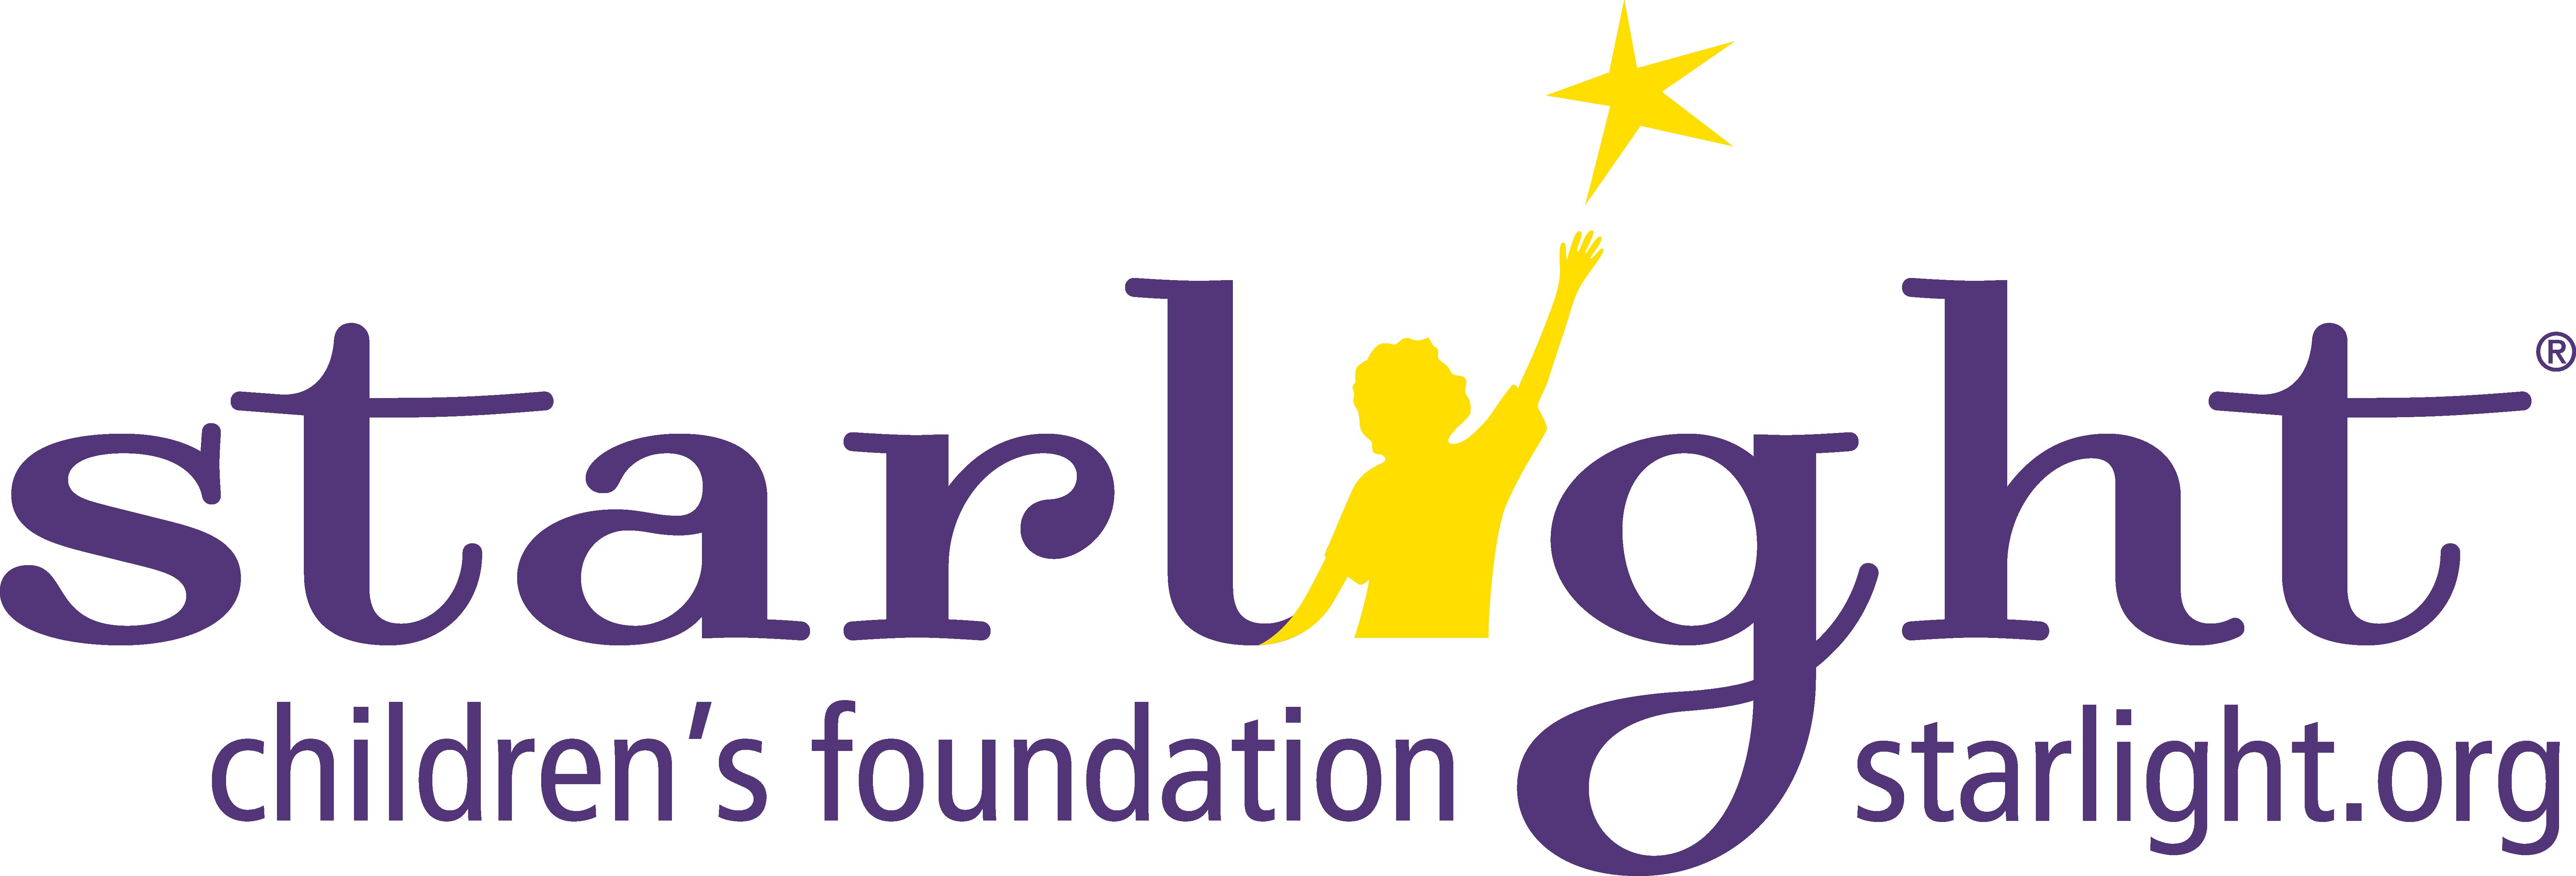 Starlight Children's Foundation Interns Logo